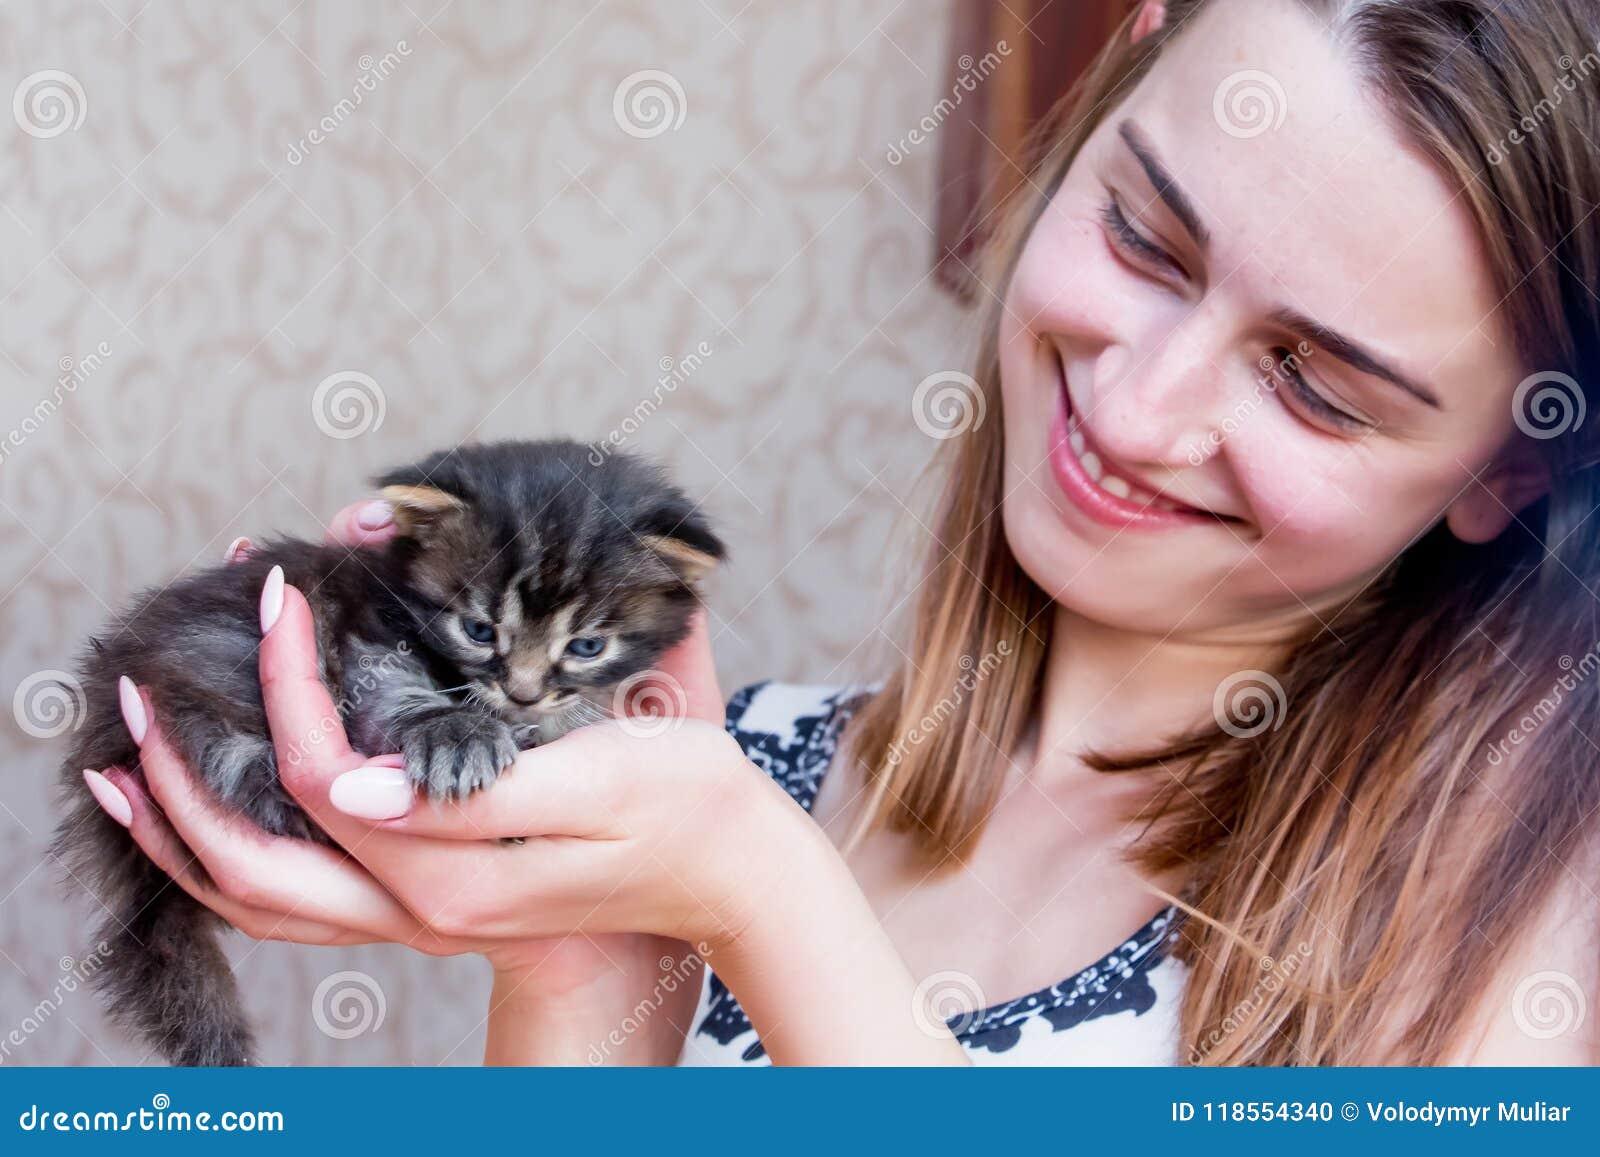 Το κορίτσι κρατά ένα μικρό γατάκι σε ετοιμότητα της Λίγο γατάκι στο ασφαλές χ